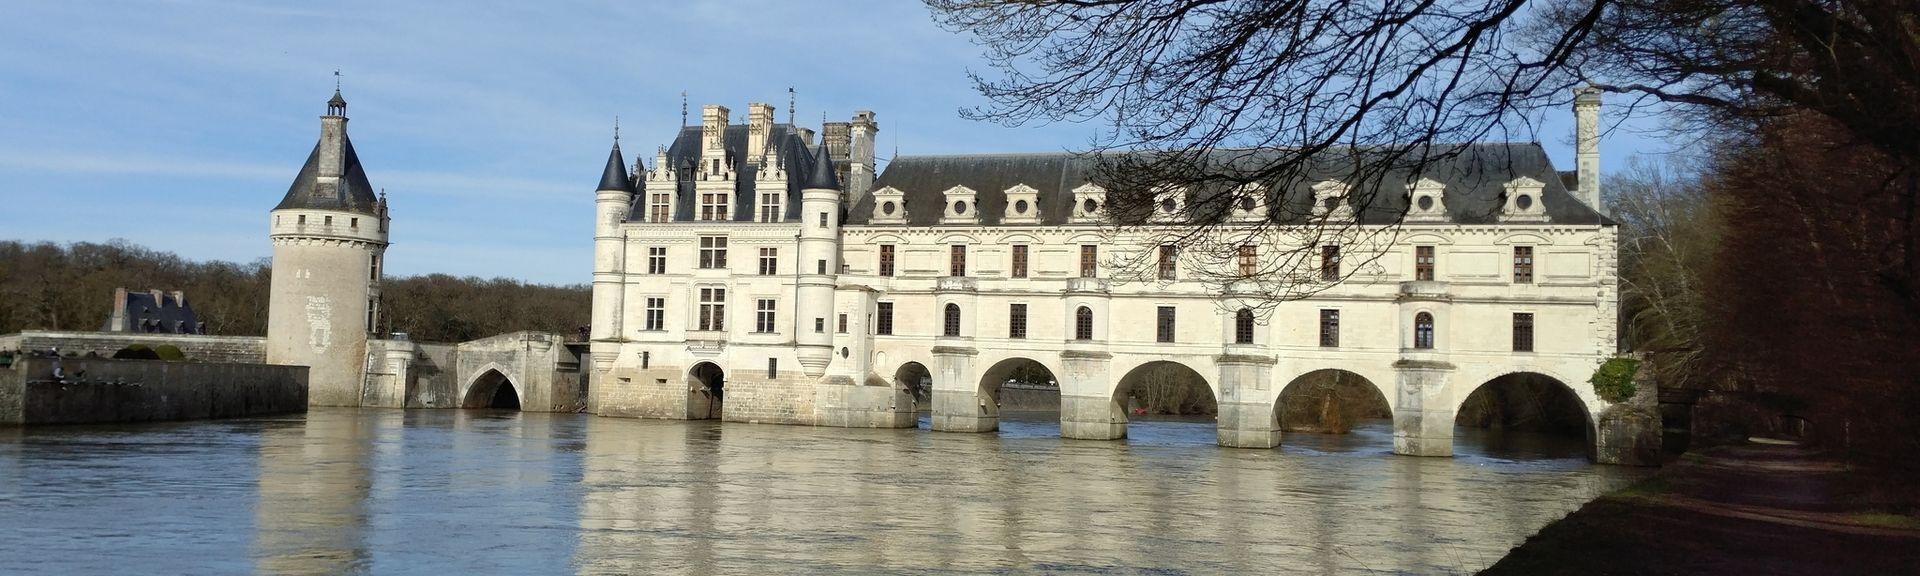 Blois, Loir-et-Cher (department), France